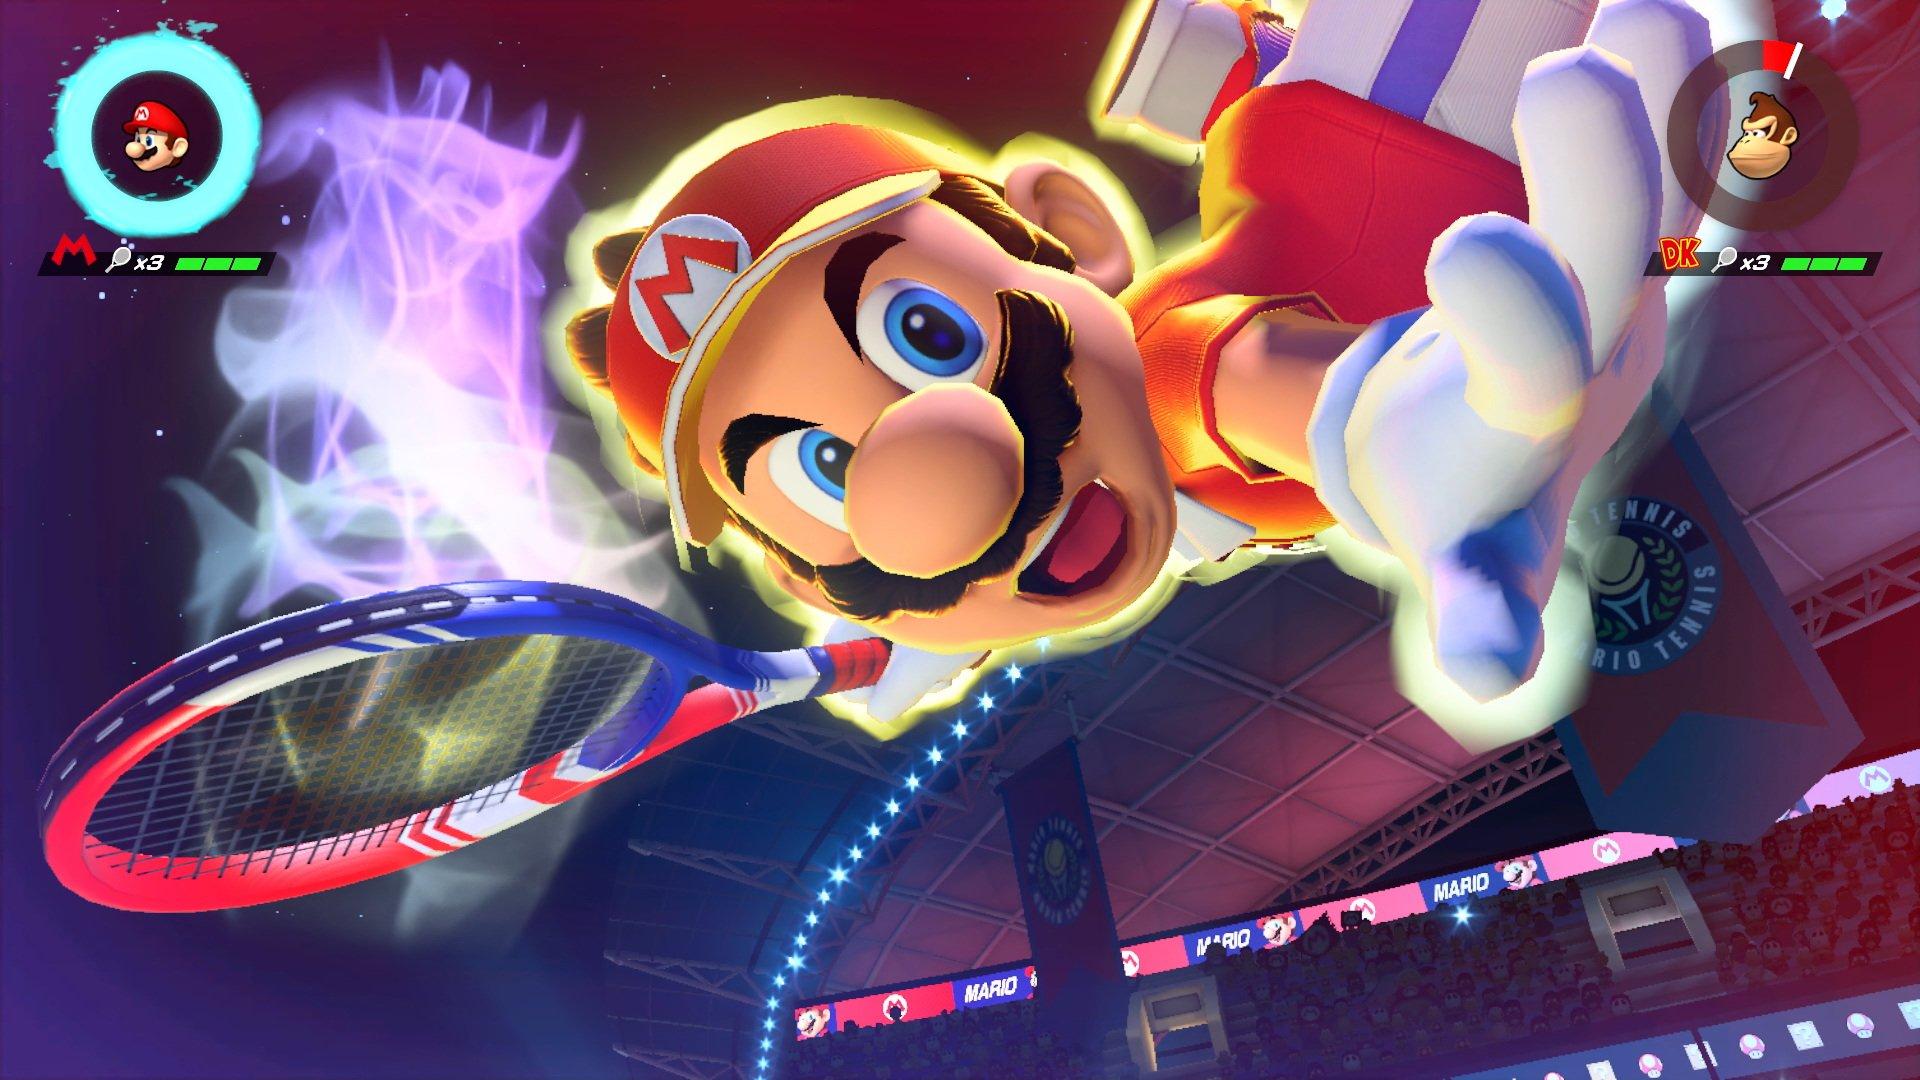 013a1b20ea Mario Tennis Aces: Los 4 puntos de partido que maneja Mario Tennis Aces